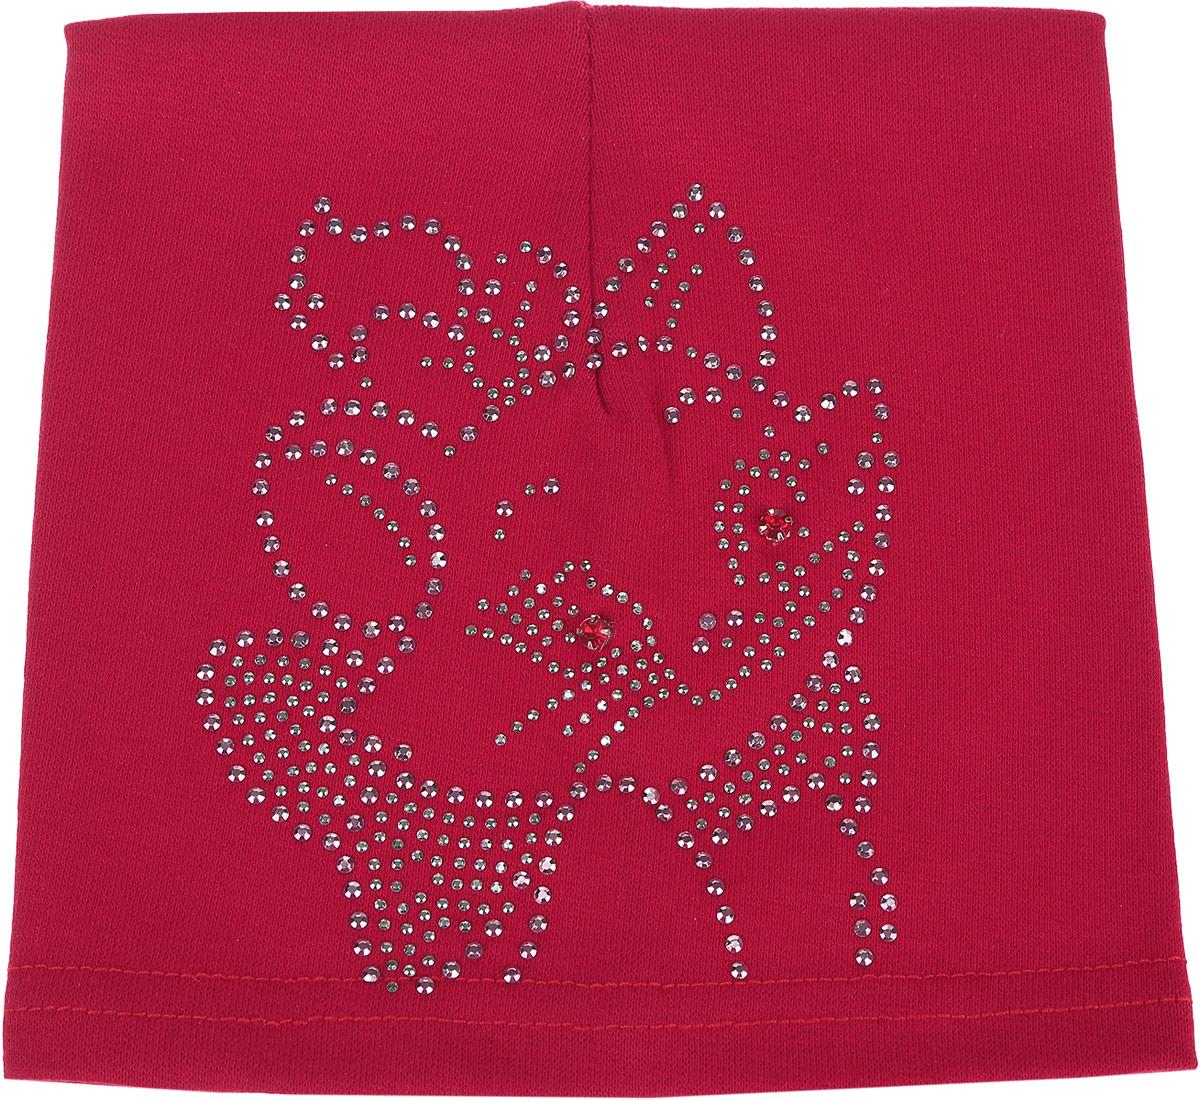 Шапка детская186-22-1Шапка для девочки InFante станет ярким и красивым дополнением к детскому гардеробу. Шапка выполнена из натурального хлопка, мягкая и приятная на ощупь, идеально прилегает к голове. Изделие оформлено оригинальным изображением кошечки из страз. Современный дизайн и расцветка делают эту шапку модным детским аксессуаром. В такой шапке ребенок будет чувствовать себя уютно, комфортно и всегда будет в центре внимания! Уважаемые клиенты! Размер, доступный для заказа, является обхватом головы.